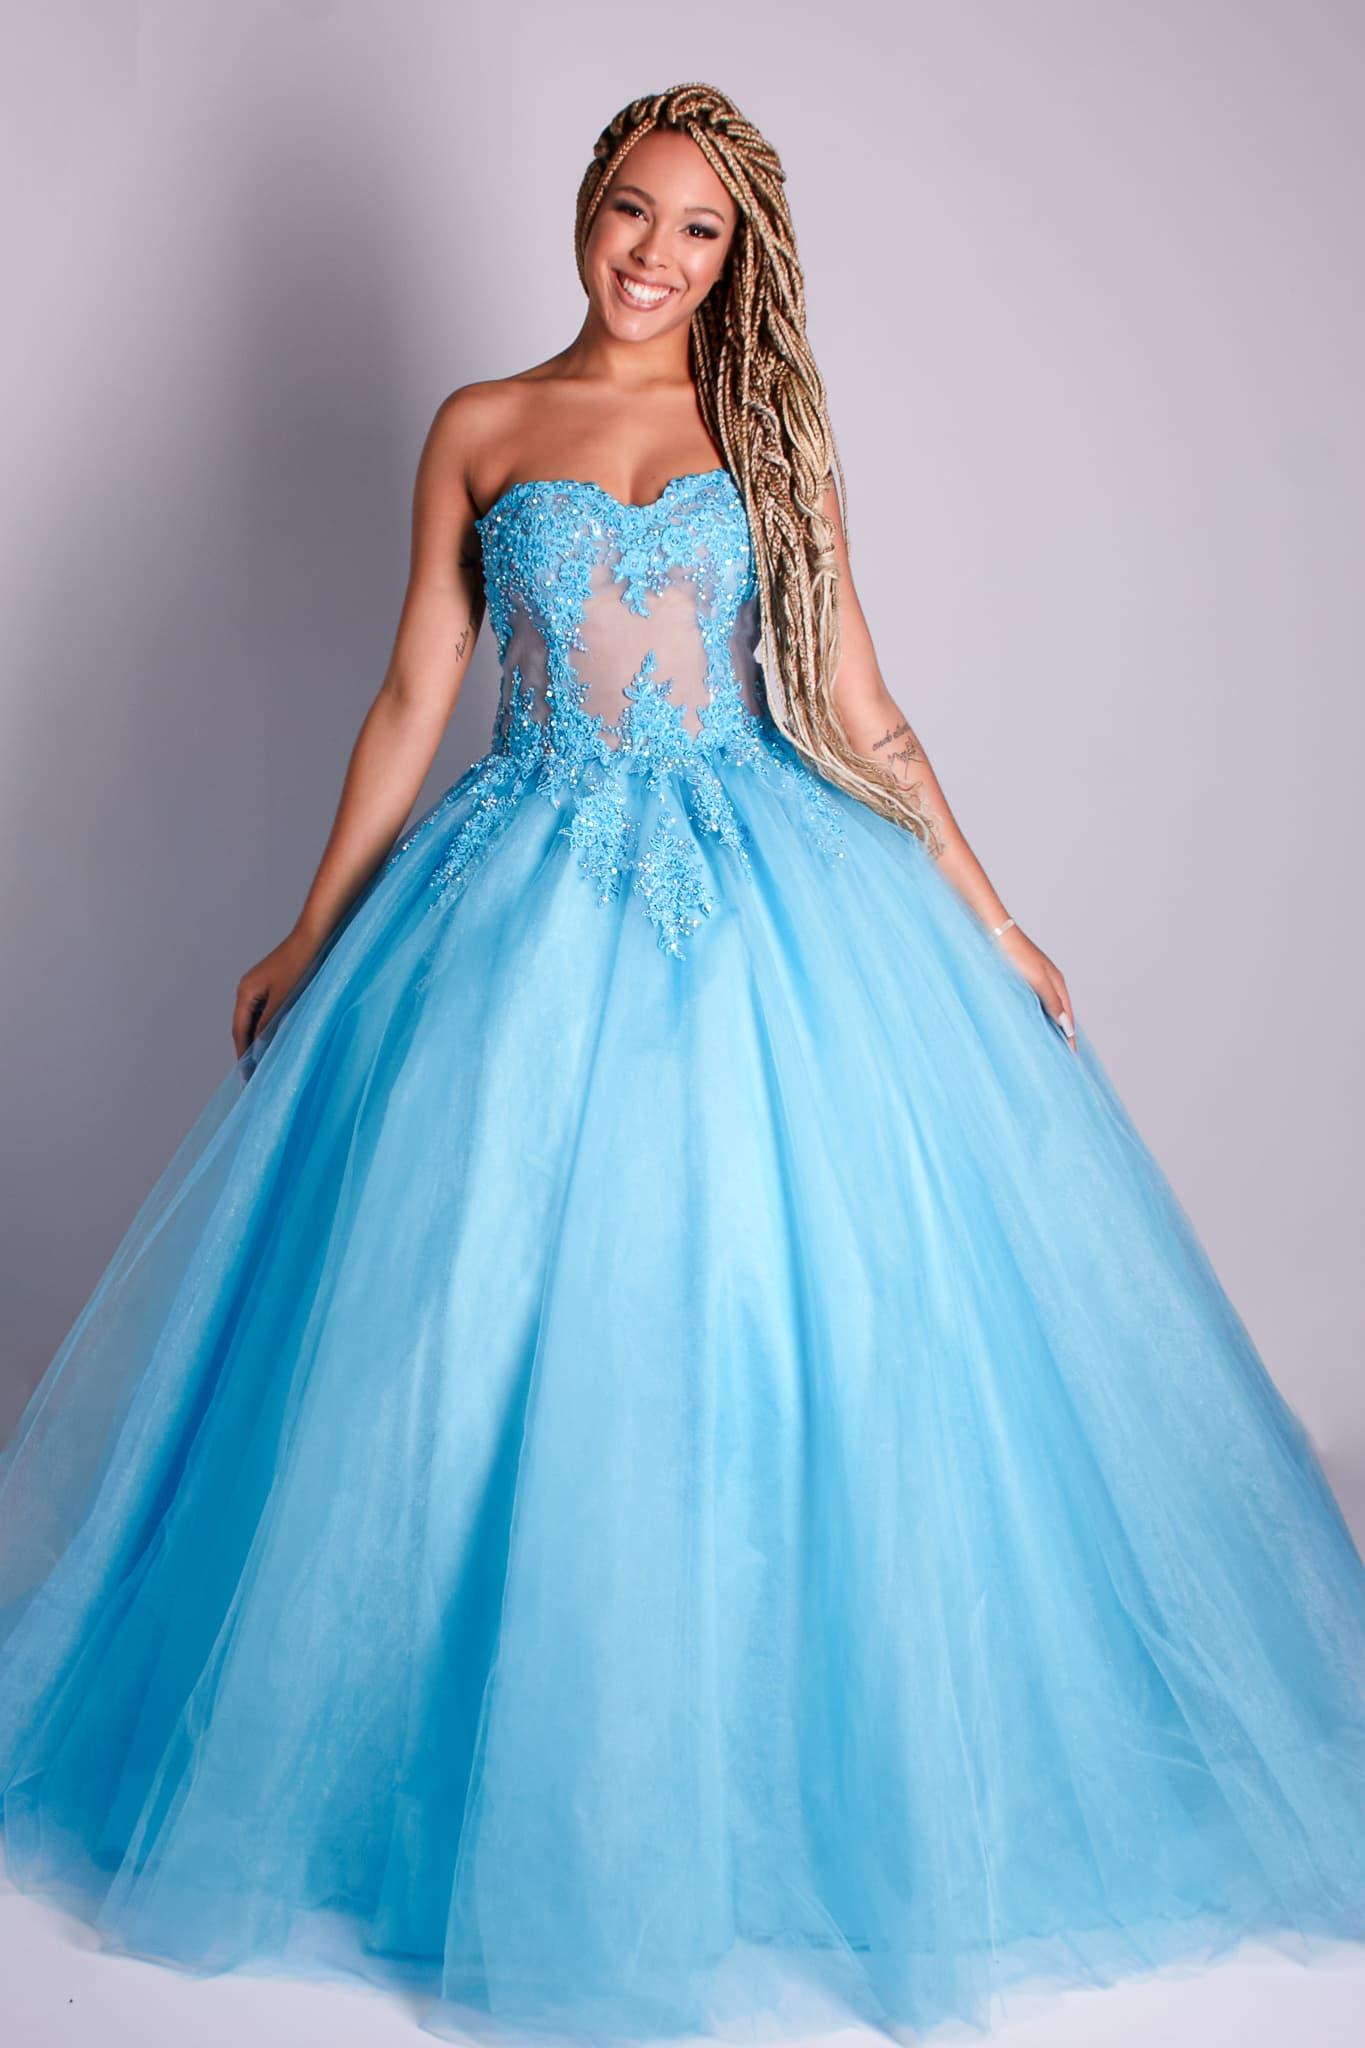 112 - Vestido de valsa tiffany de renda com cristais e saia de tule